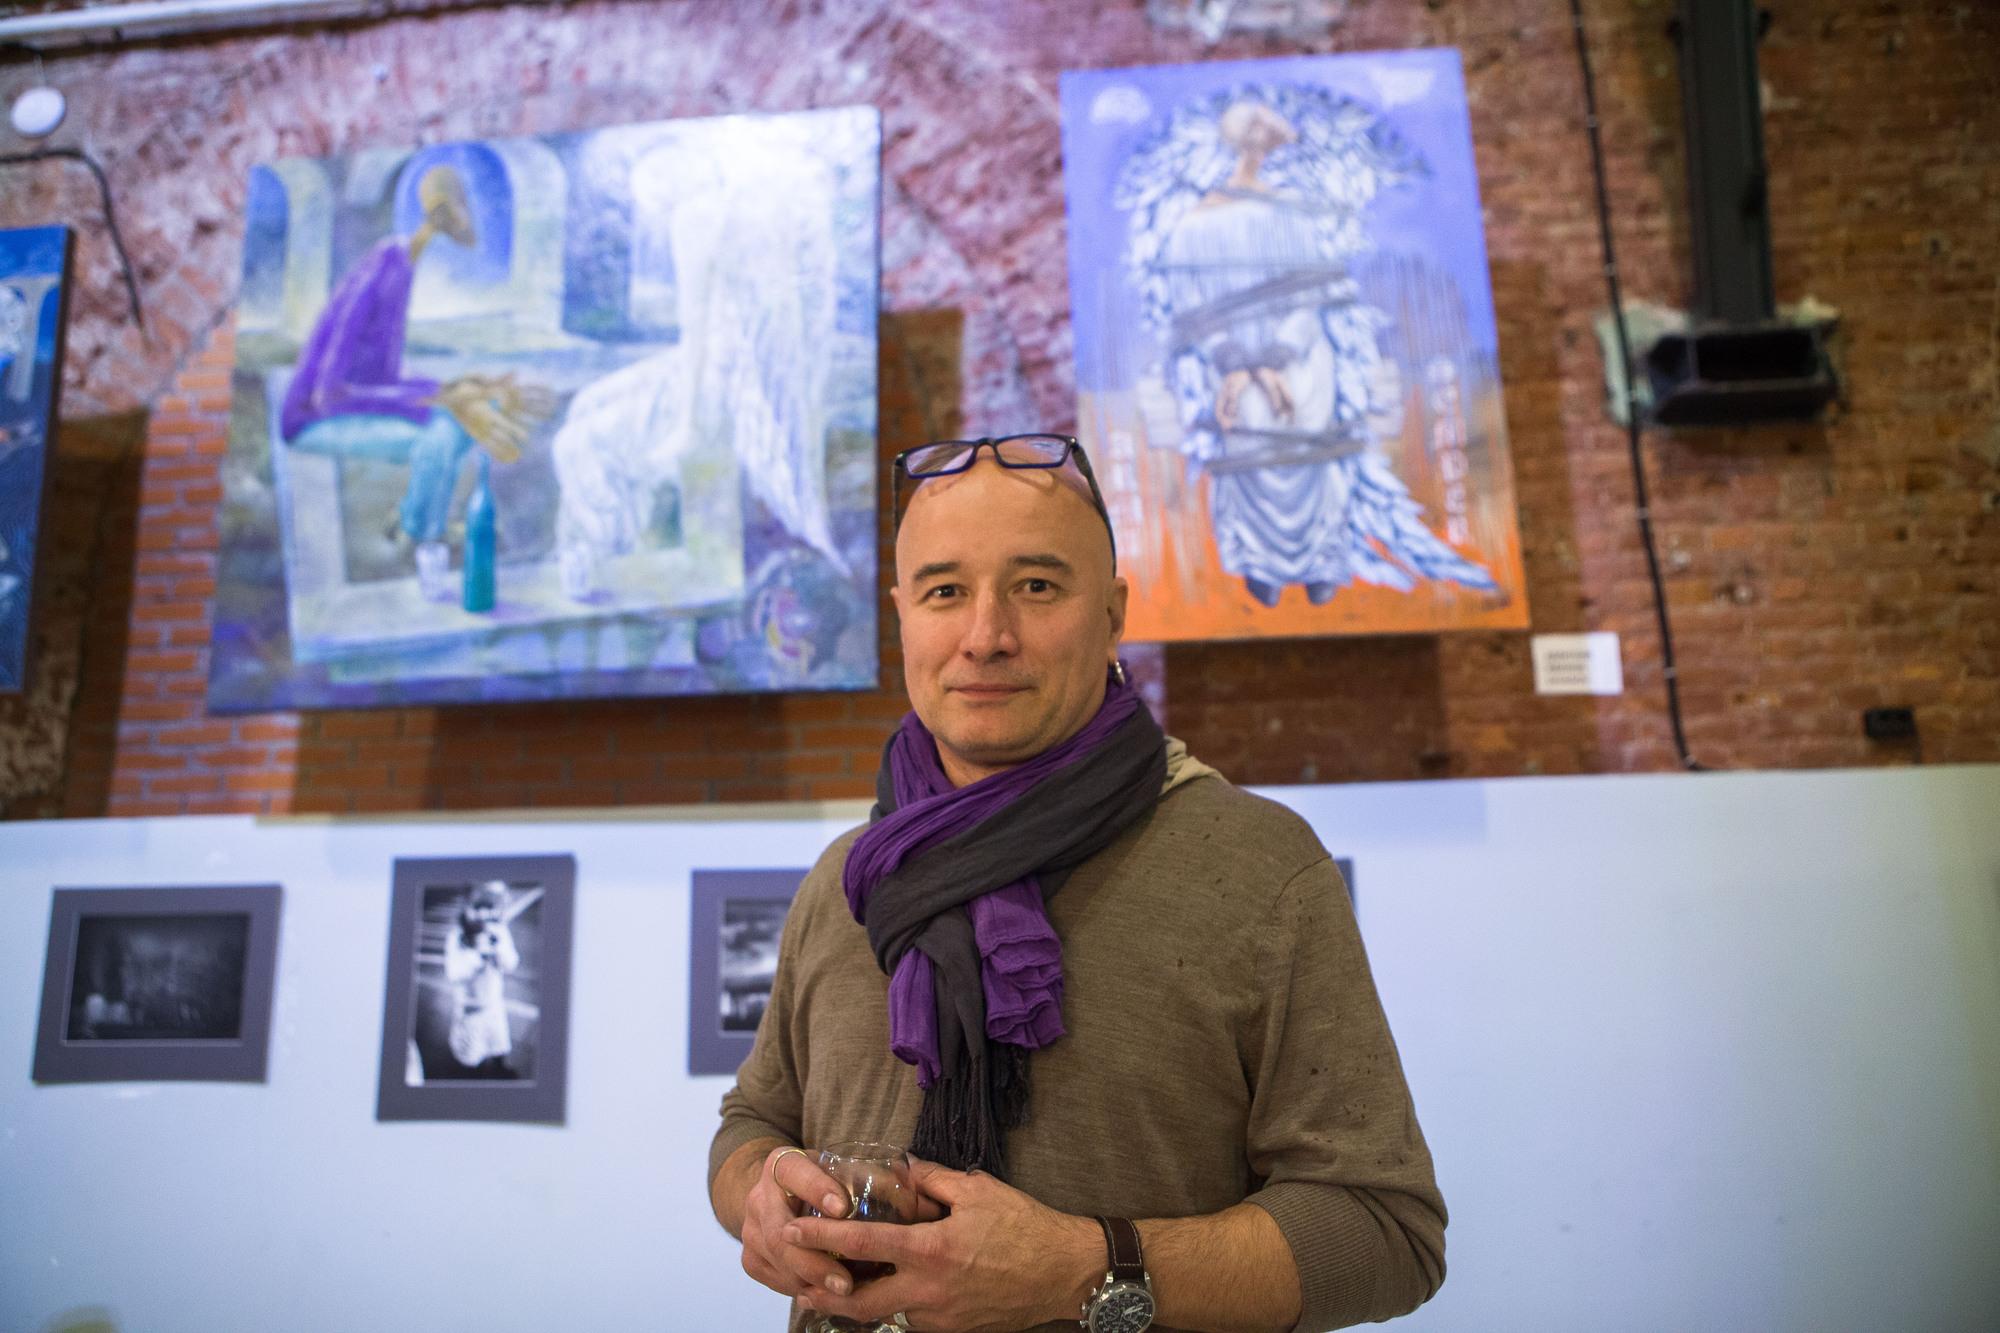 Дмитрий Иванов, артангел, художник